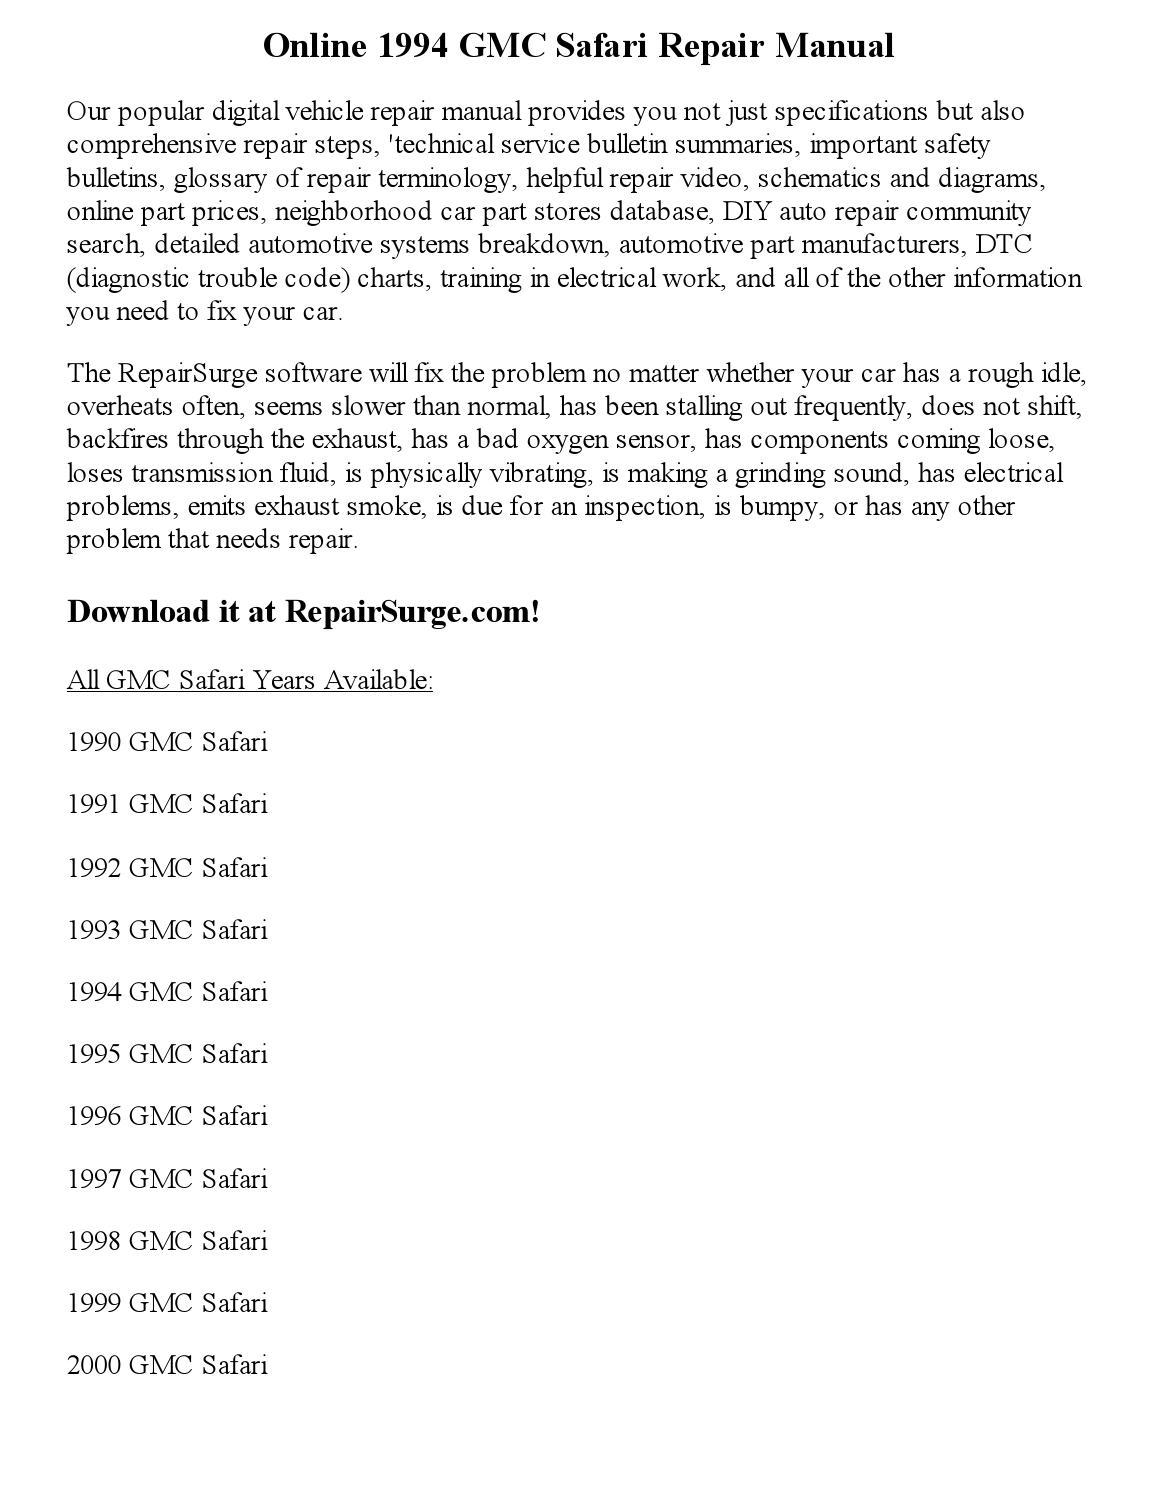 1994 Gmc Safari Repair Manual Online By Robertjames Smith